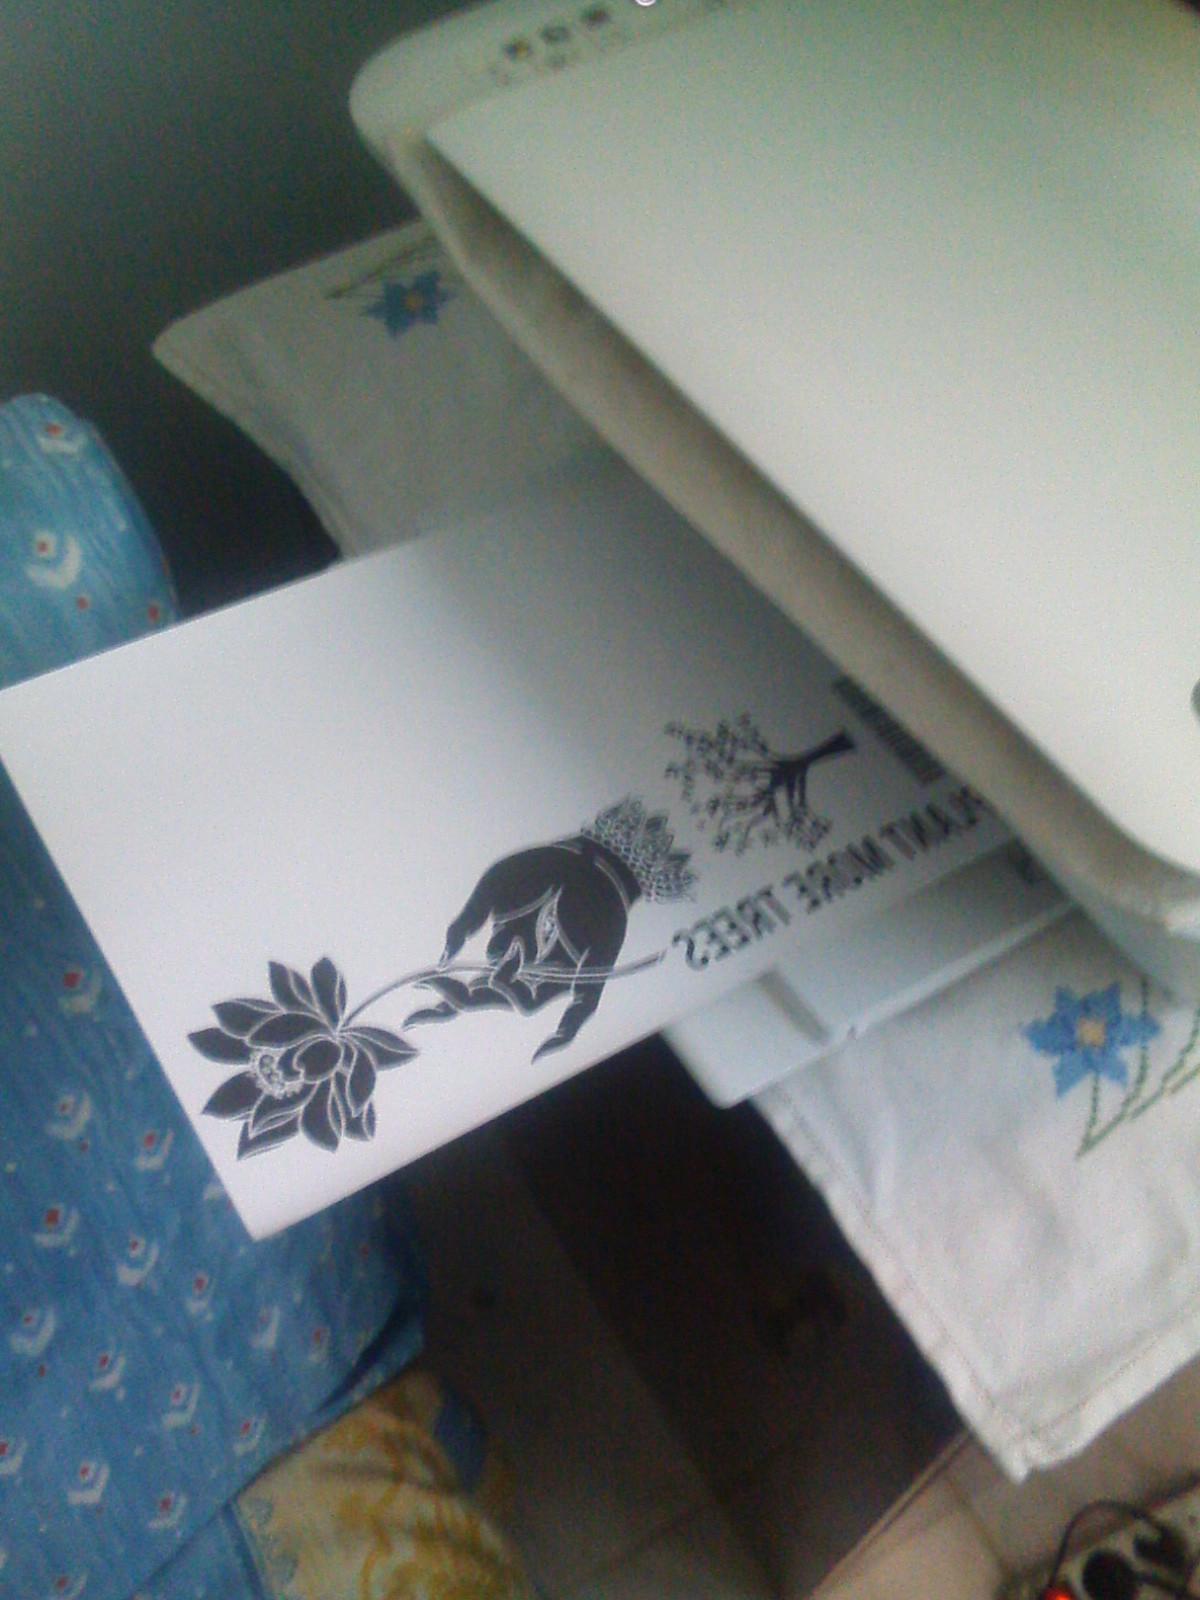 estampar-camisetas-ed65185ec4a91940f6c9f